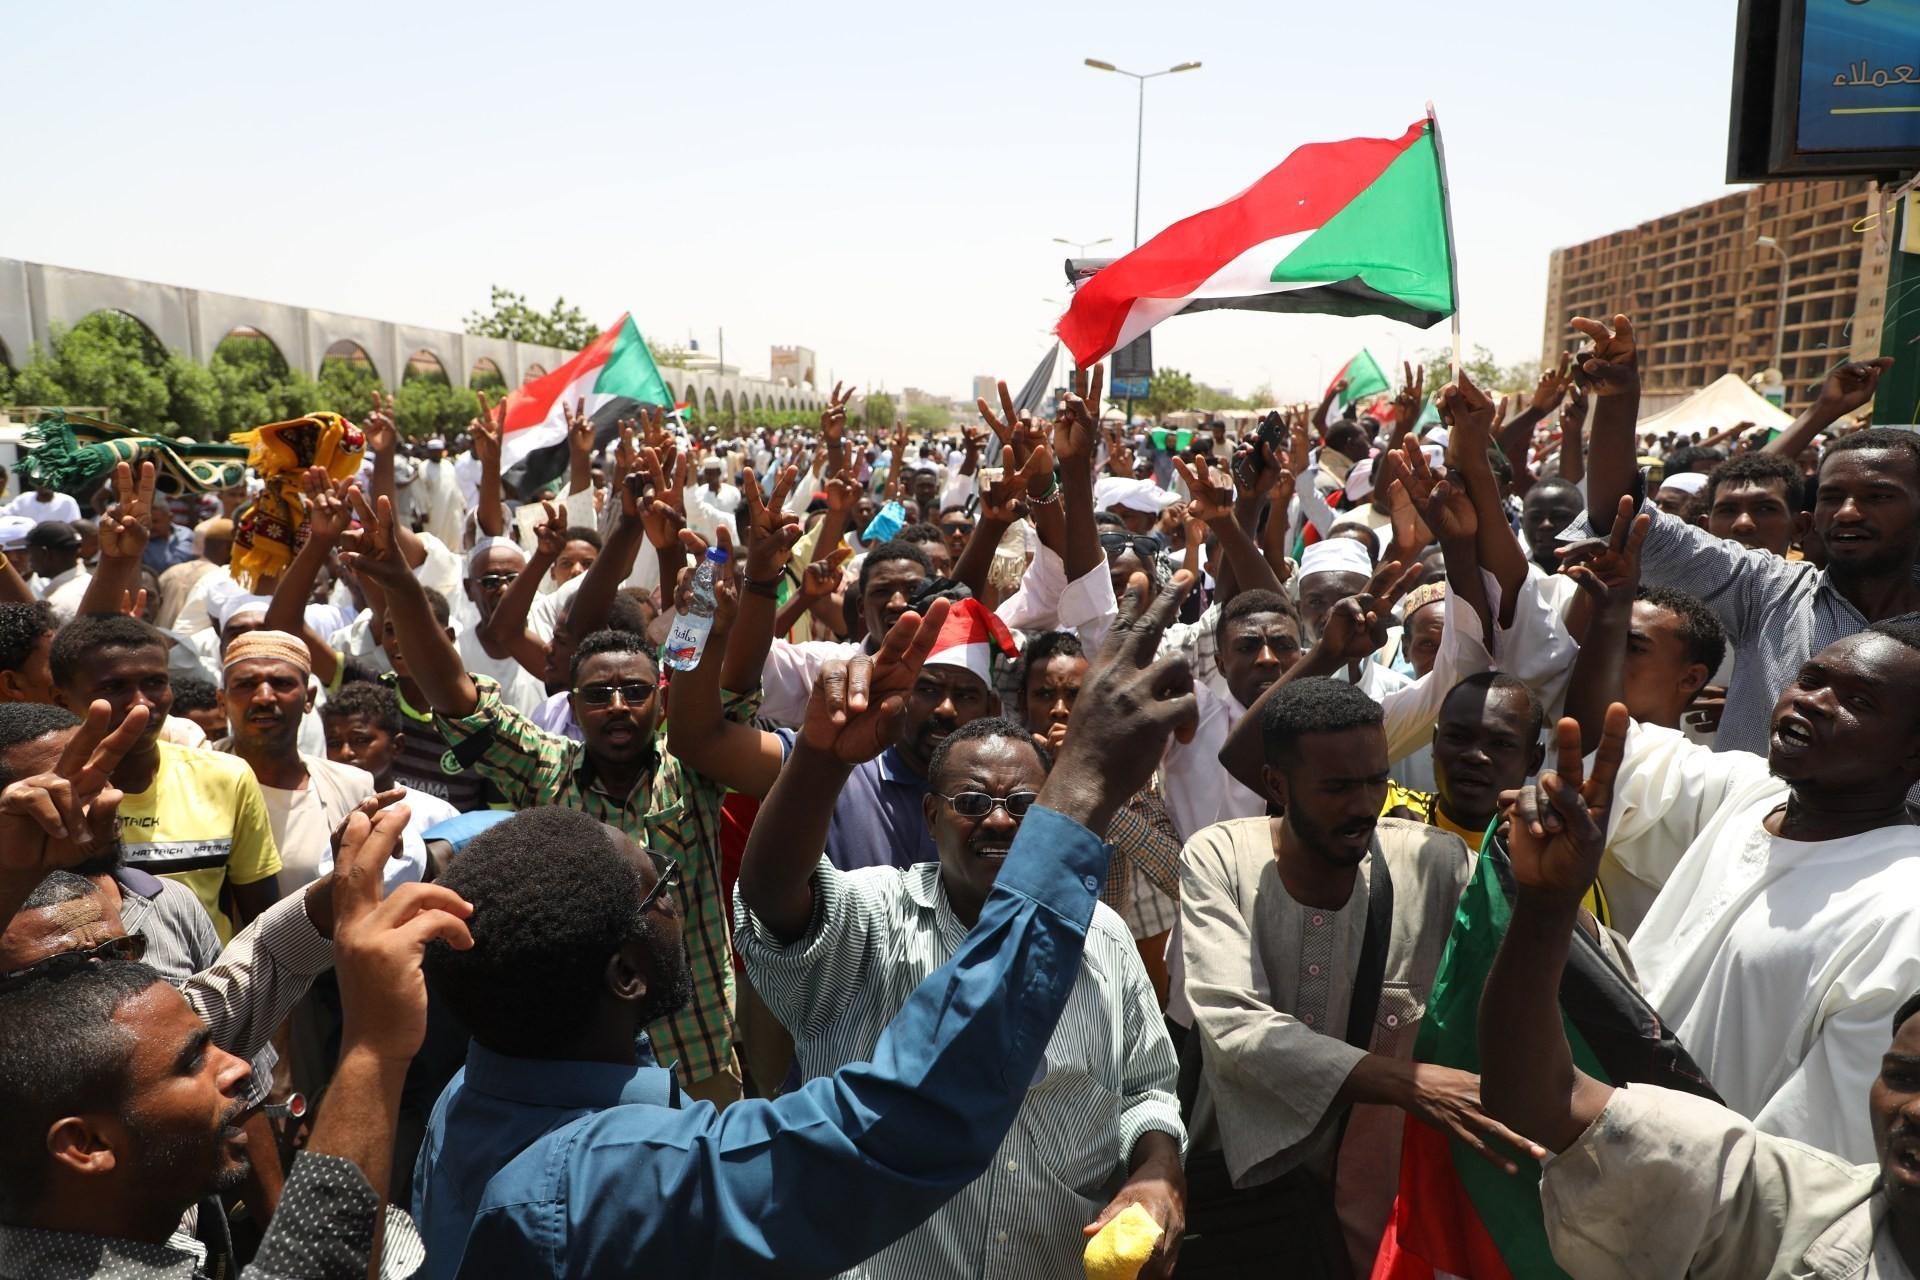 Sudan'da halk 'devrimin gidişatını düzeltelim' diyerek sokağa çıktı